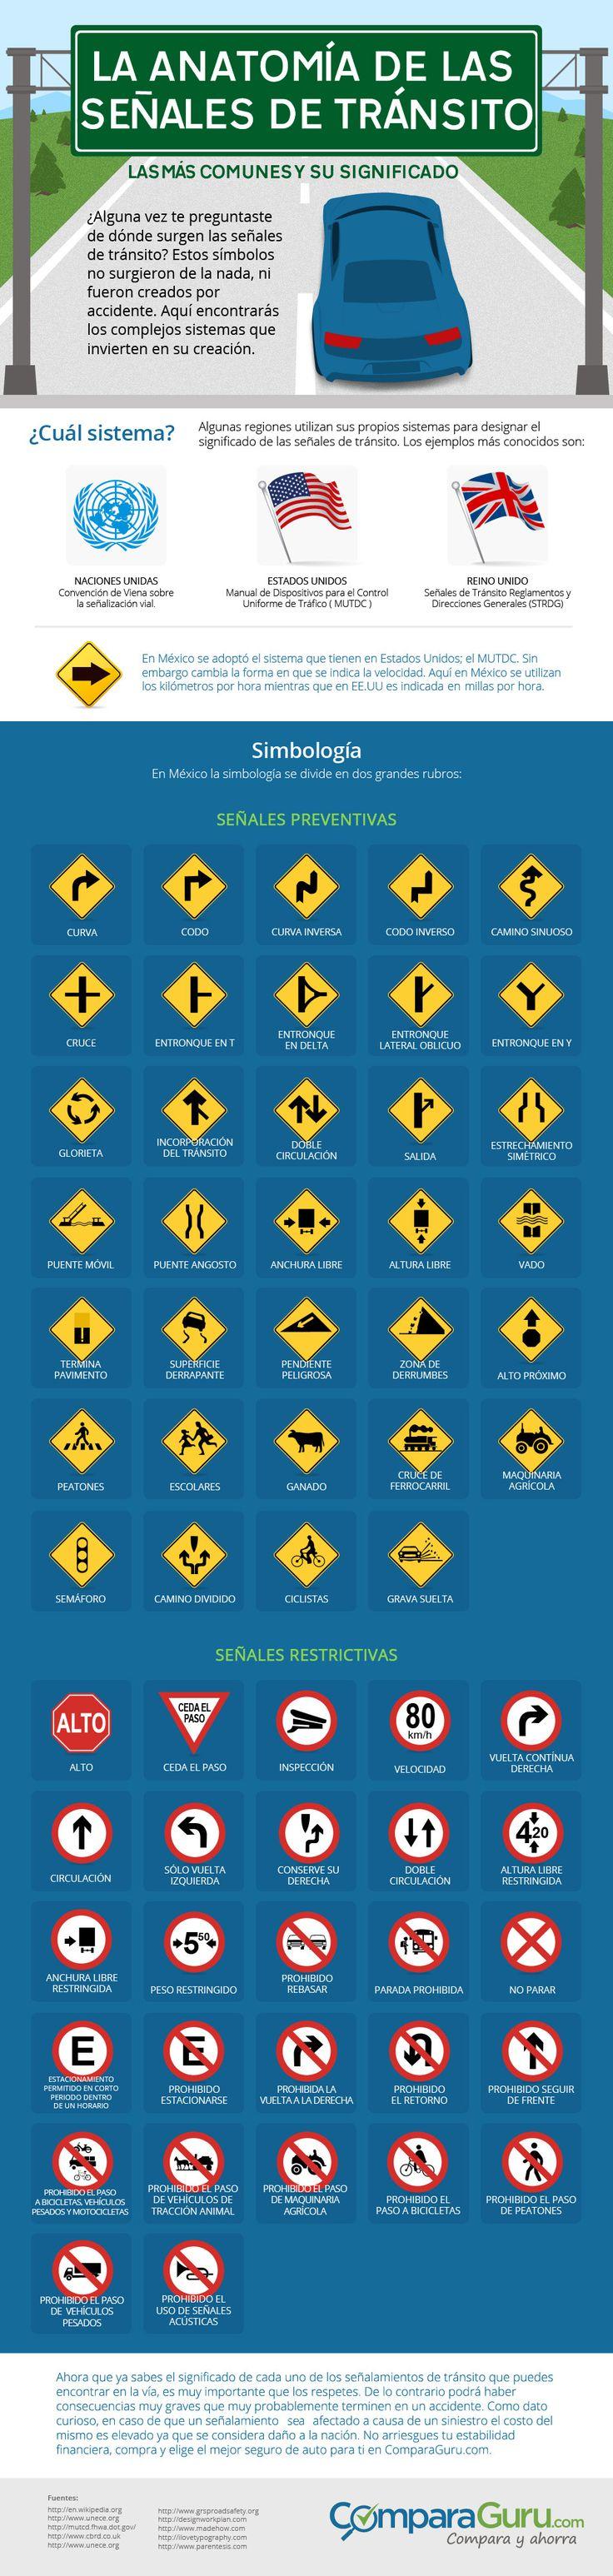 Las señales de tránsito las vemos diariamente en las calles vías rápidas y en la carretera, prácticamente están en todos lados. Pero te has preguntado si están reguladas, de dónde vienen y si son iguales en todos los países.